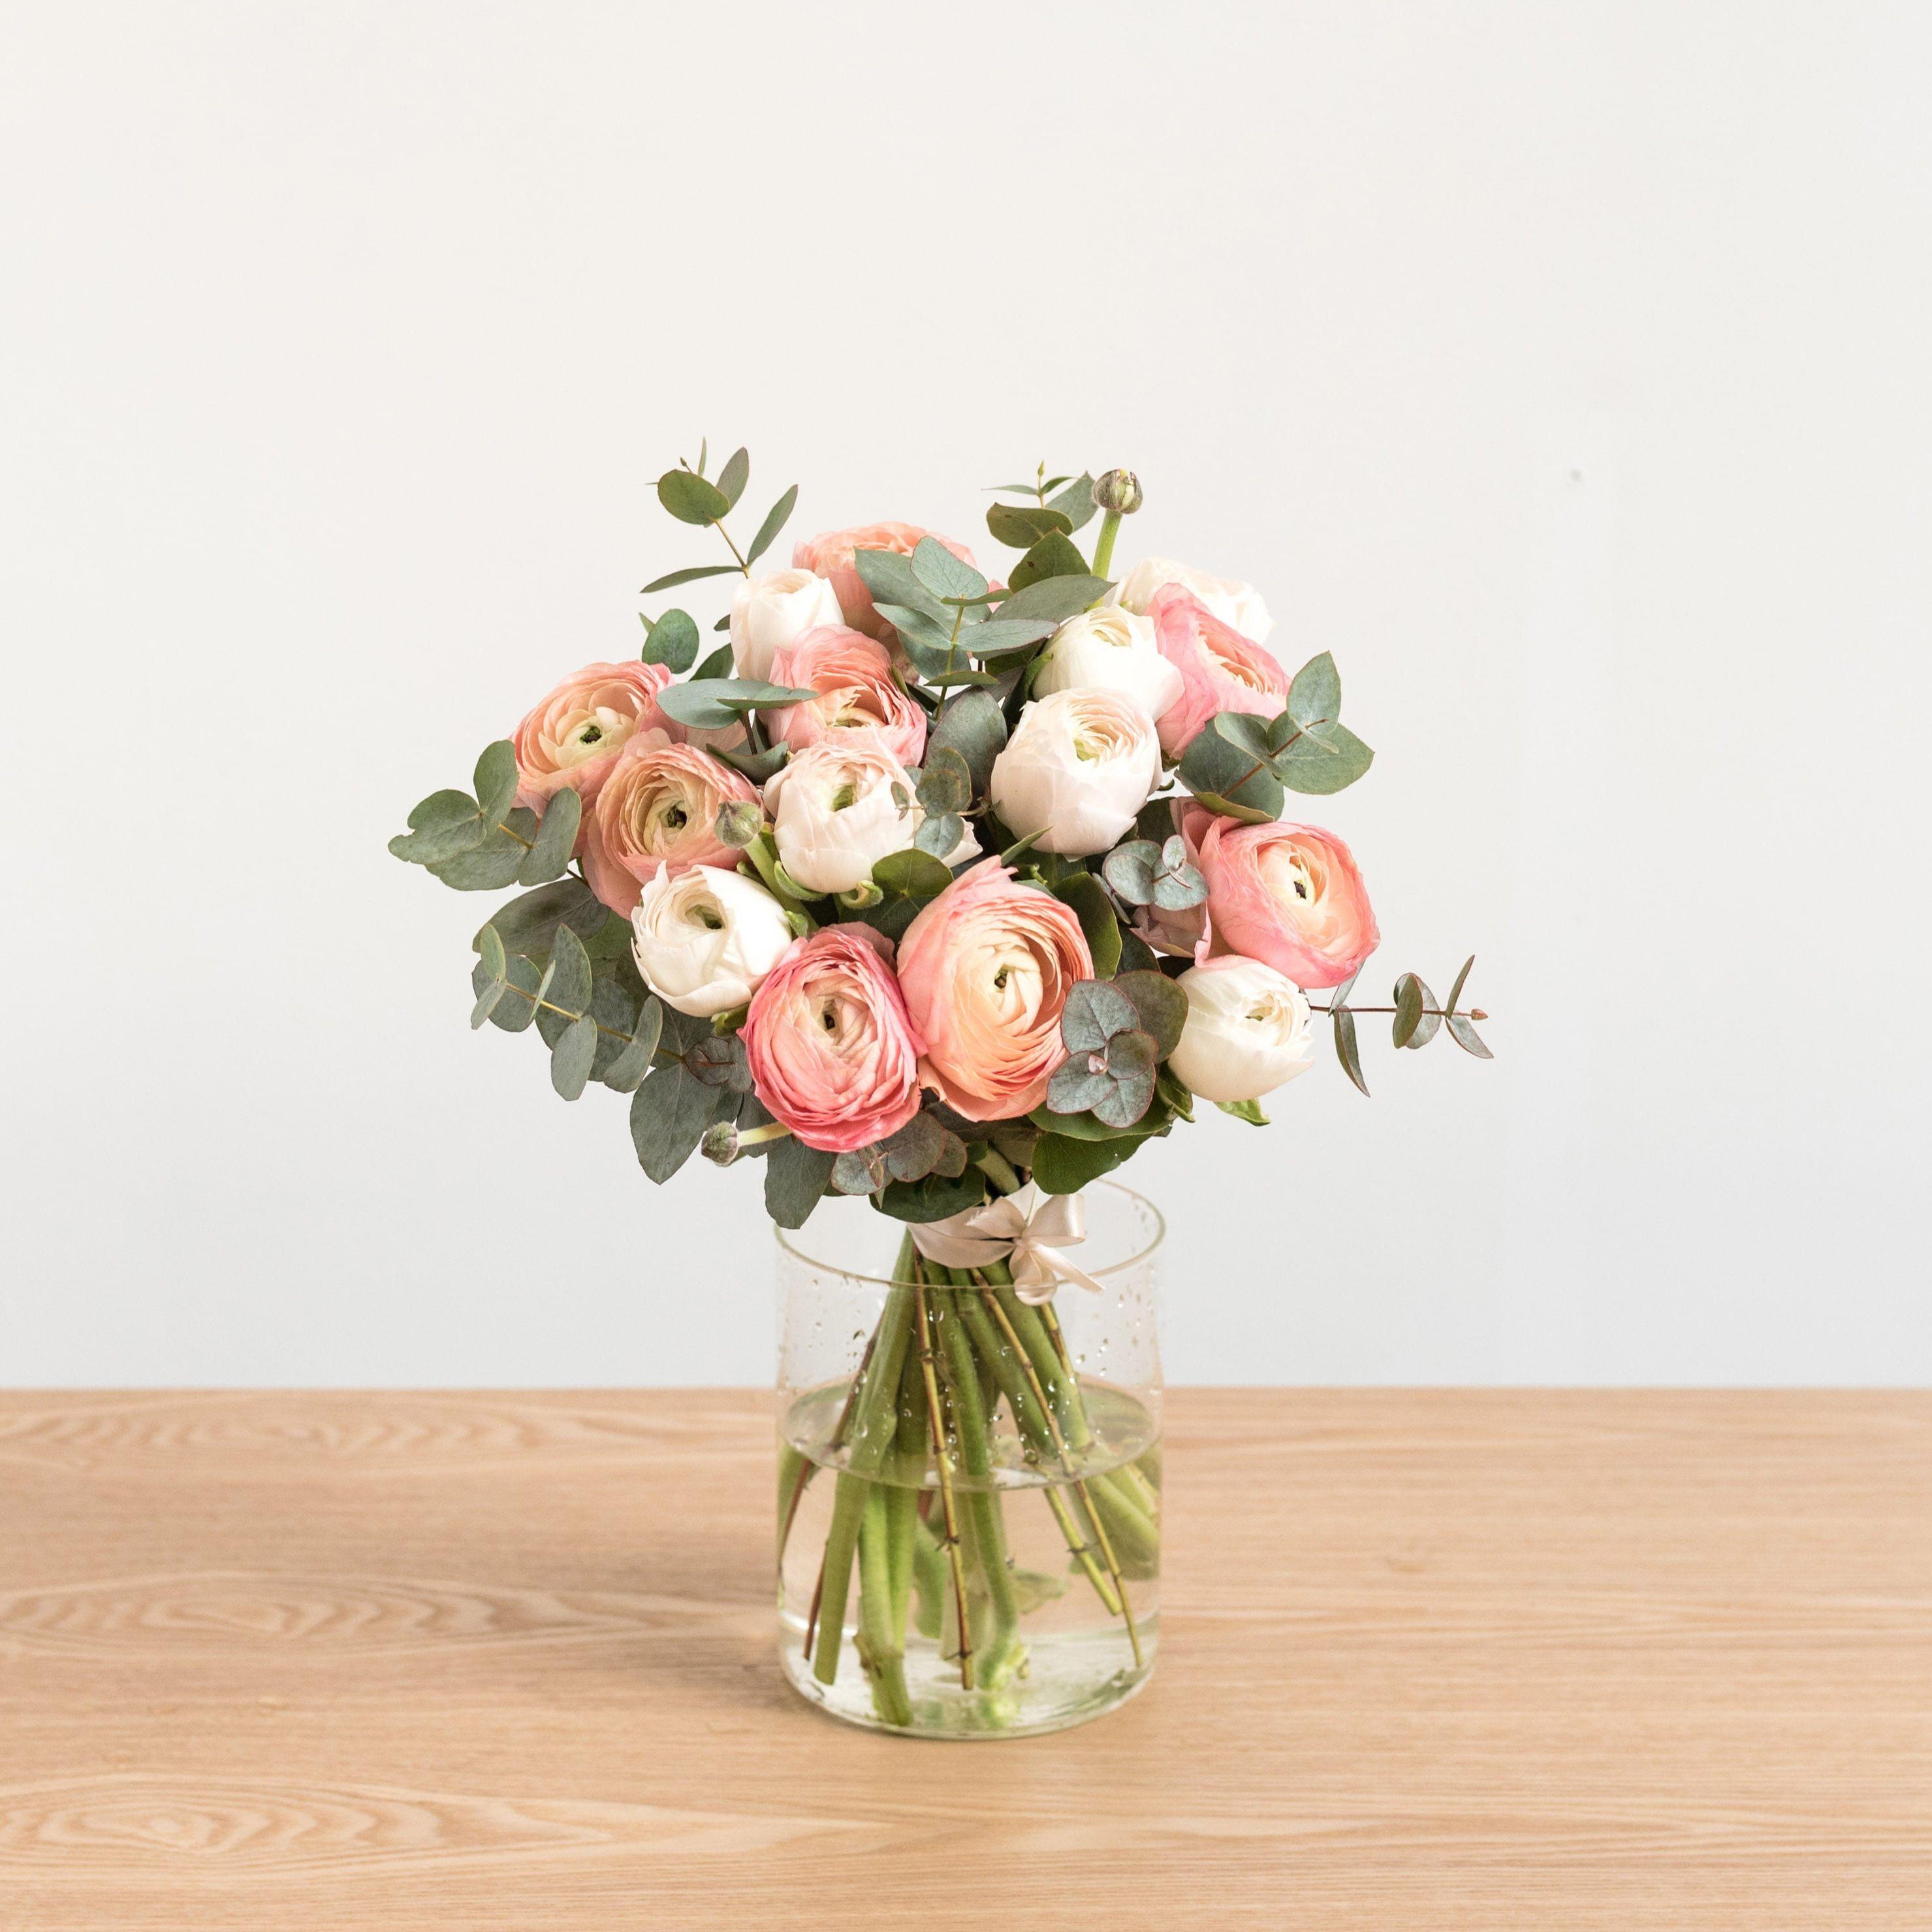 6 adresses conna tre pour un super bouquet de fleurs domicile fleurs flowers. Black Bedroom Furniture Sets. Home Design Ideas